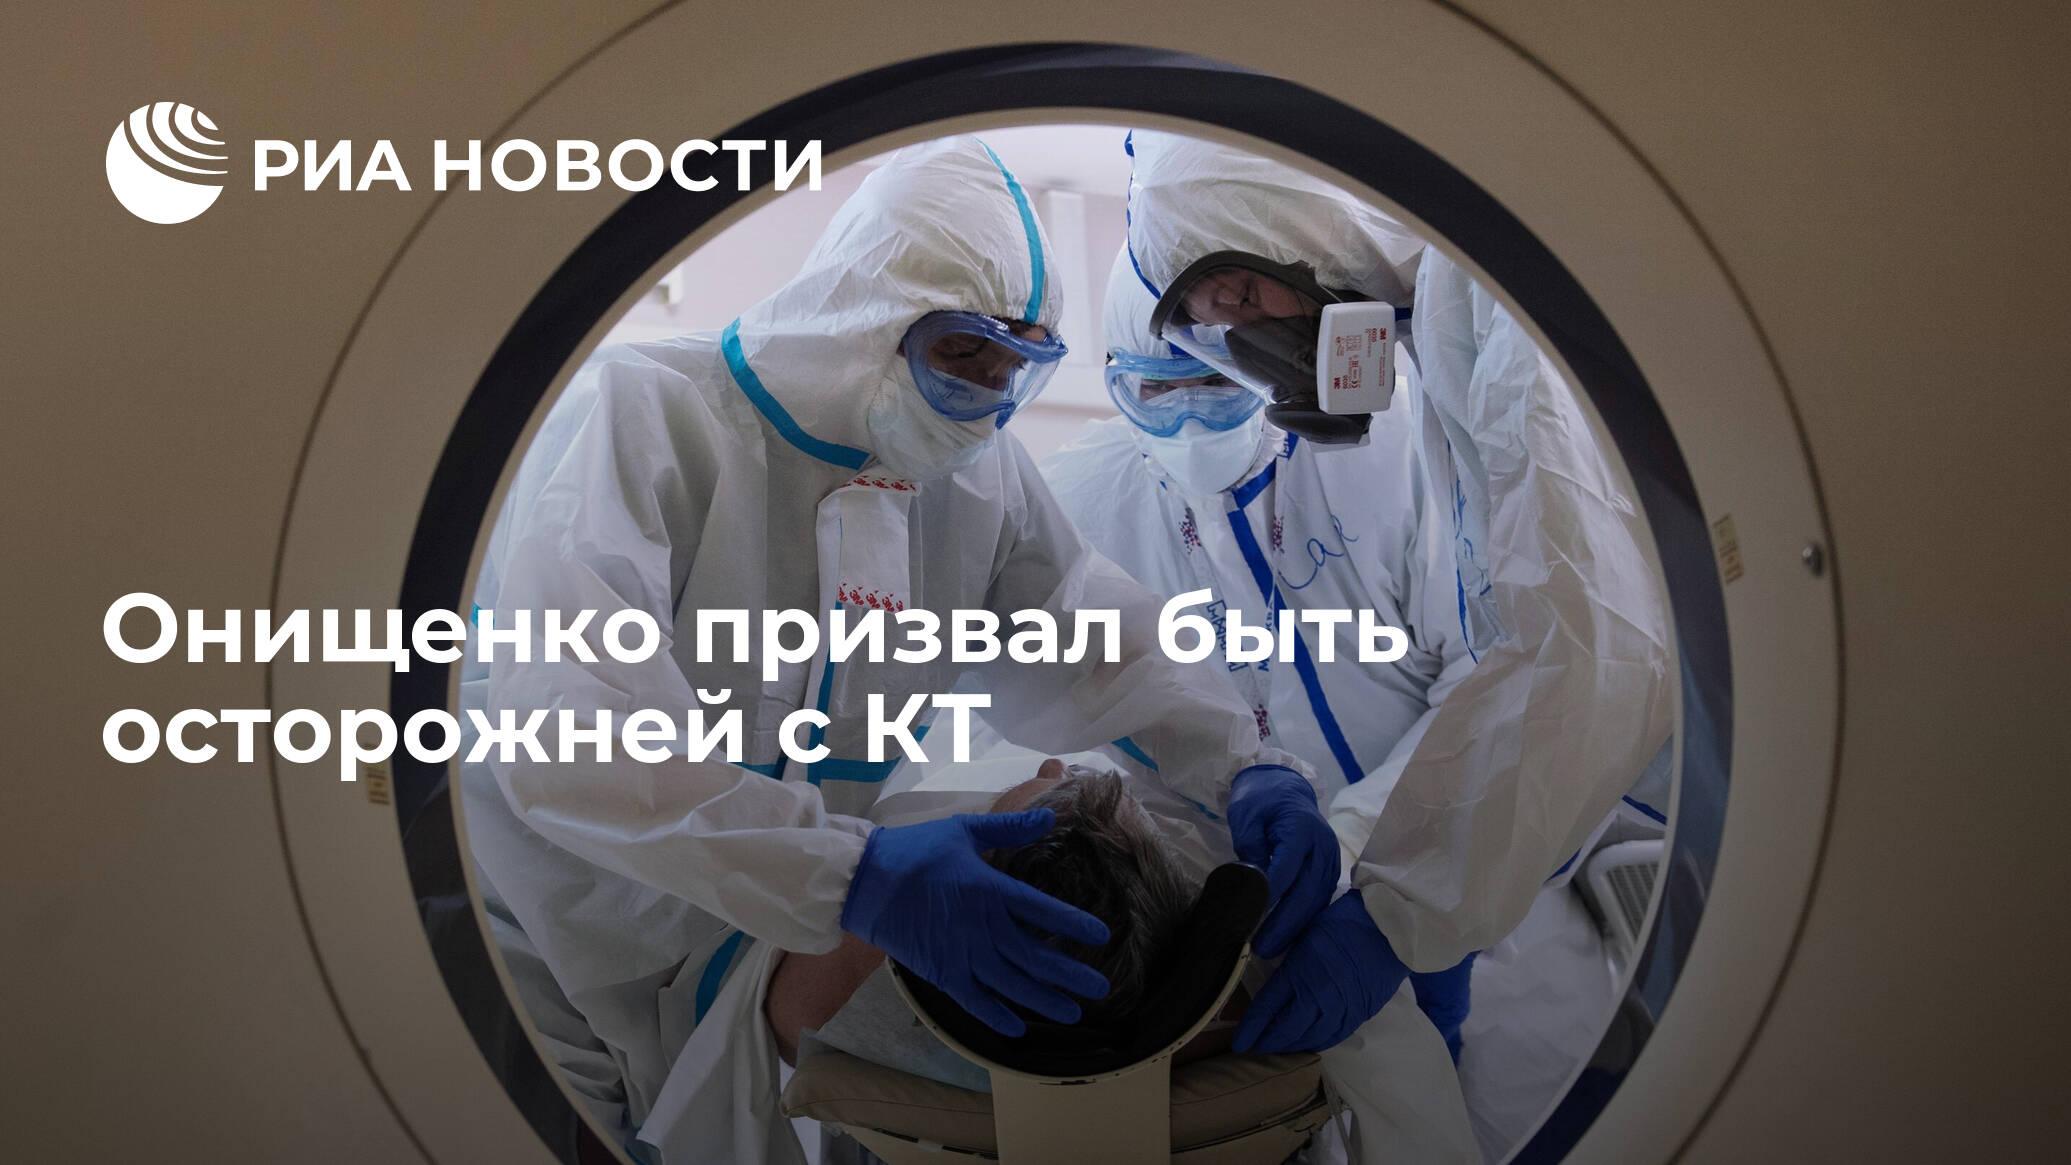 Онищенко призвал быть осторожней с КТ